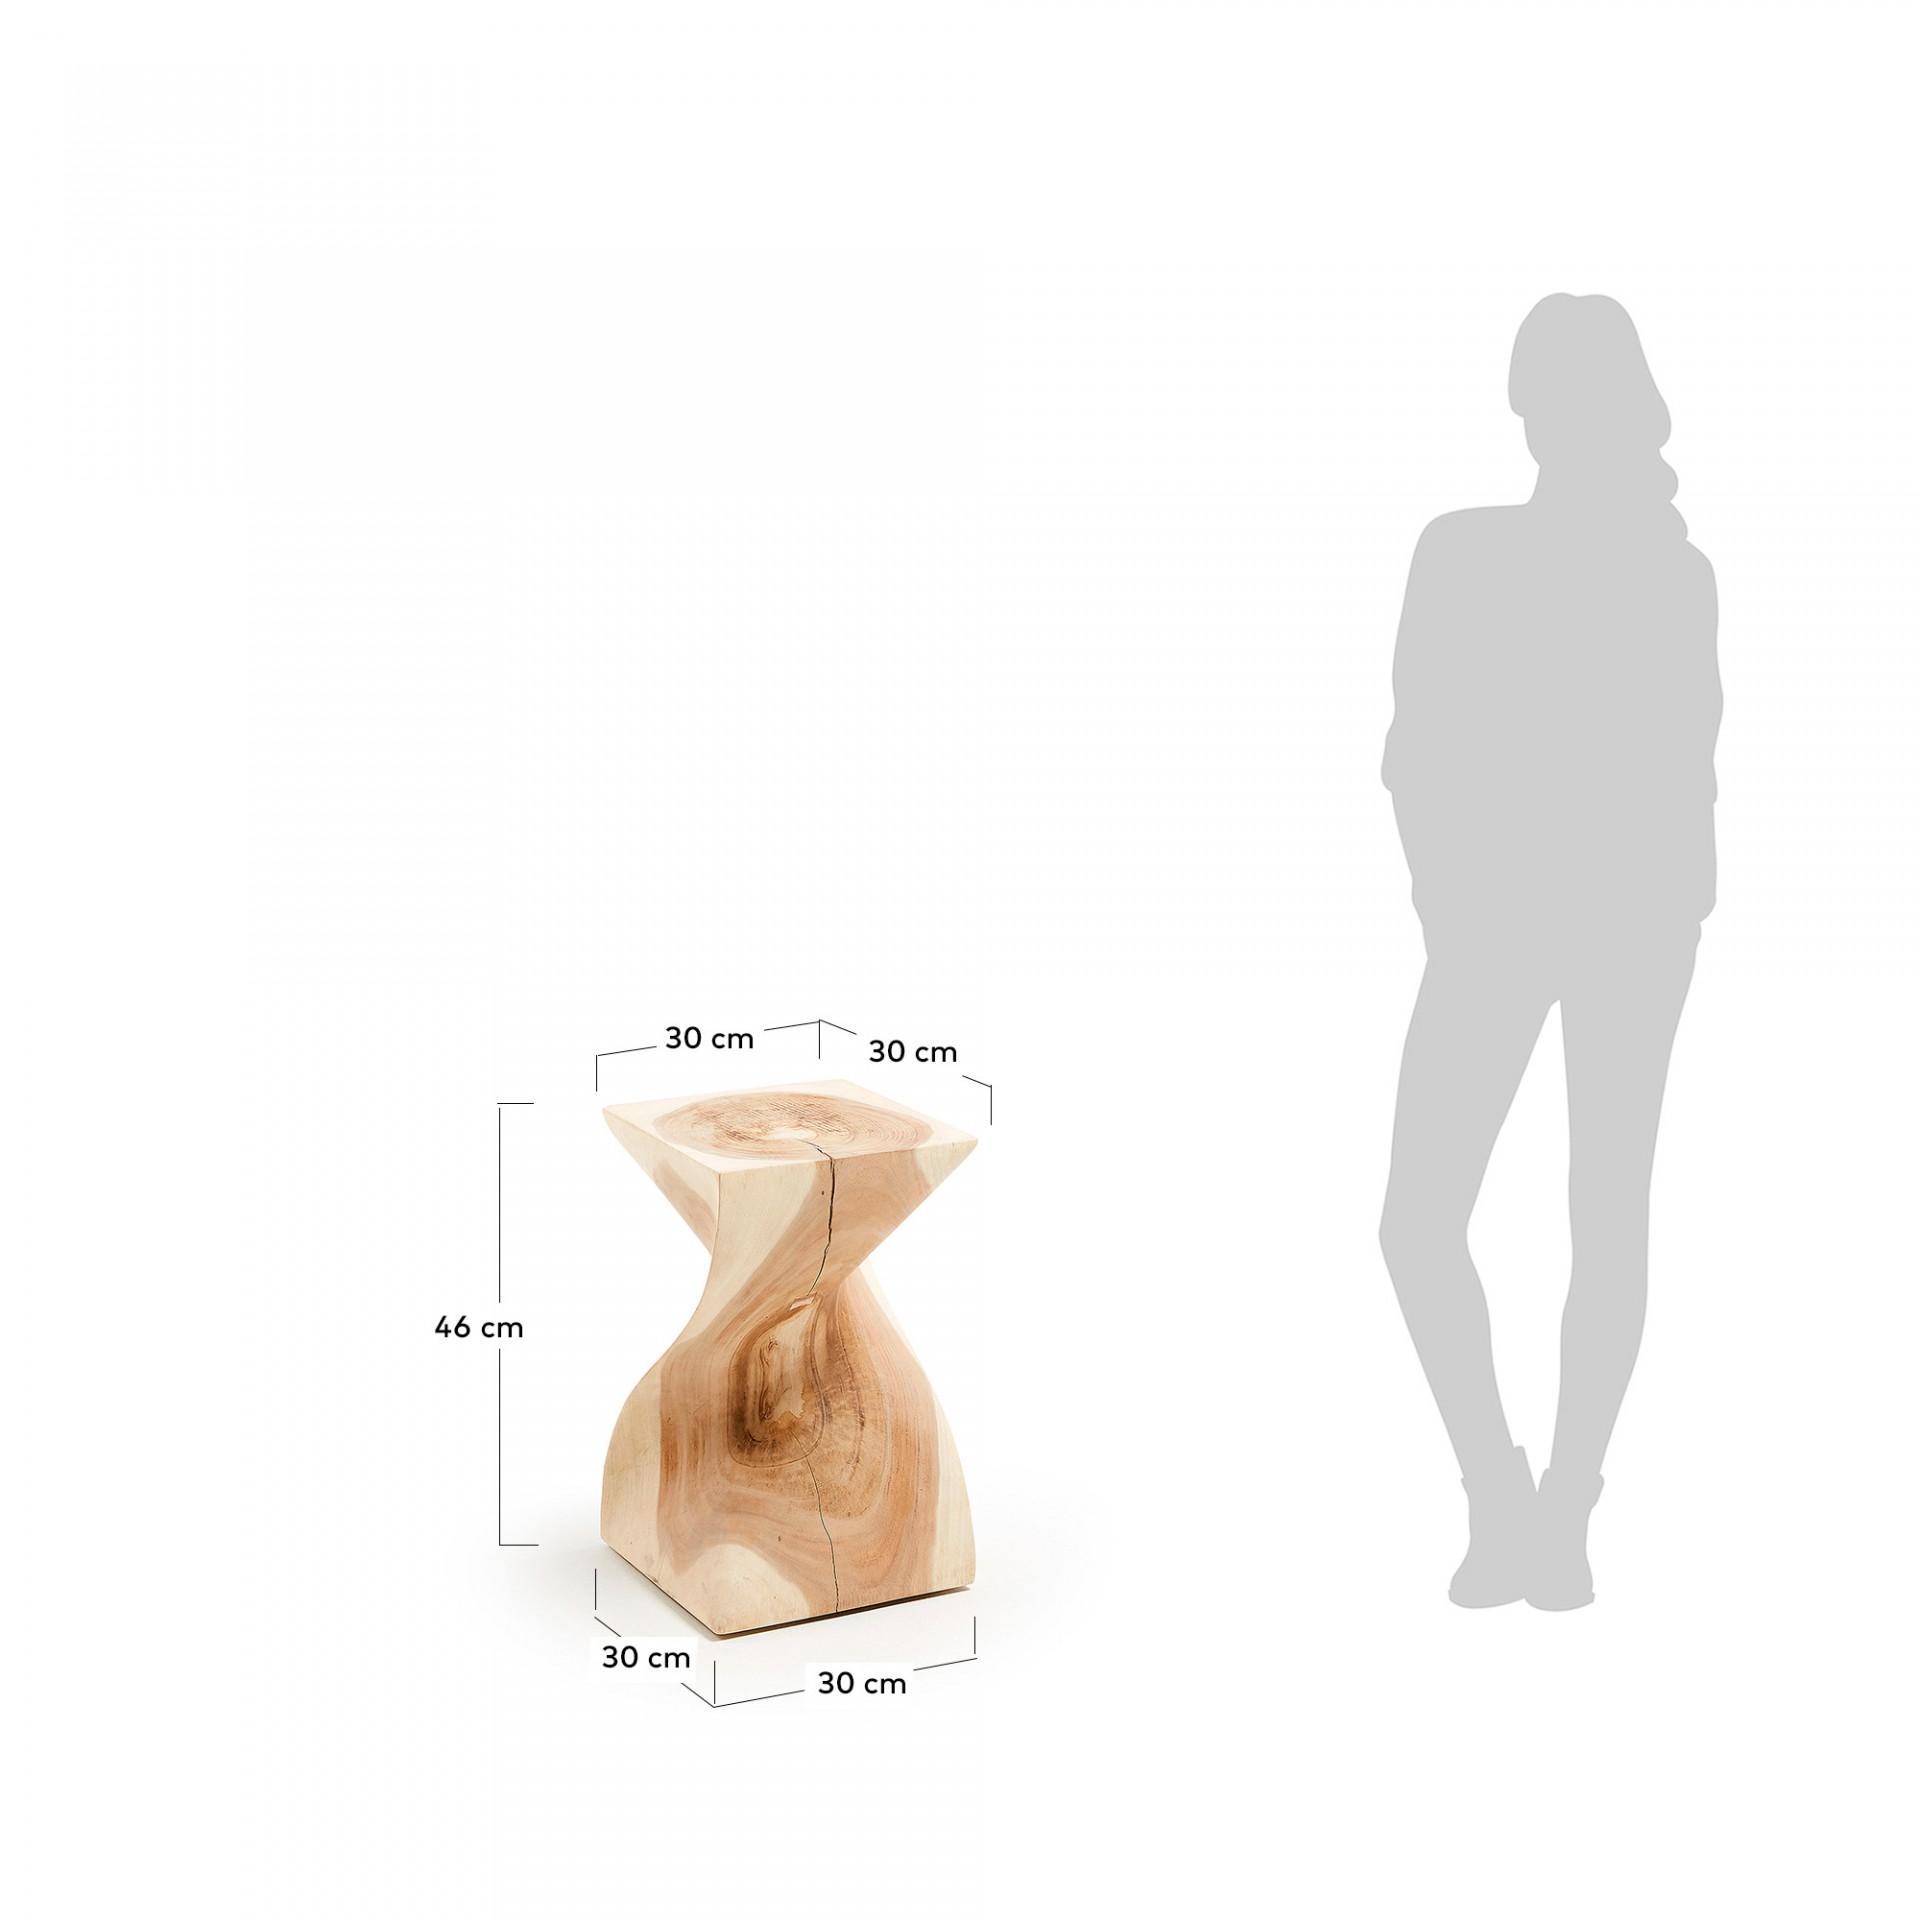 Mesa de apoio Akon, madeira de munggur natural, 30x30x46